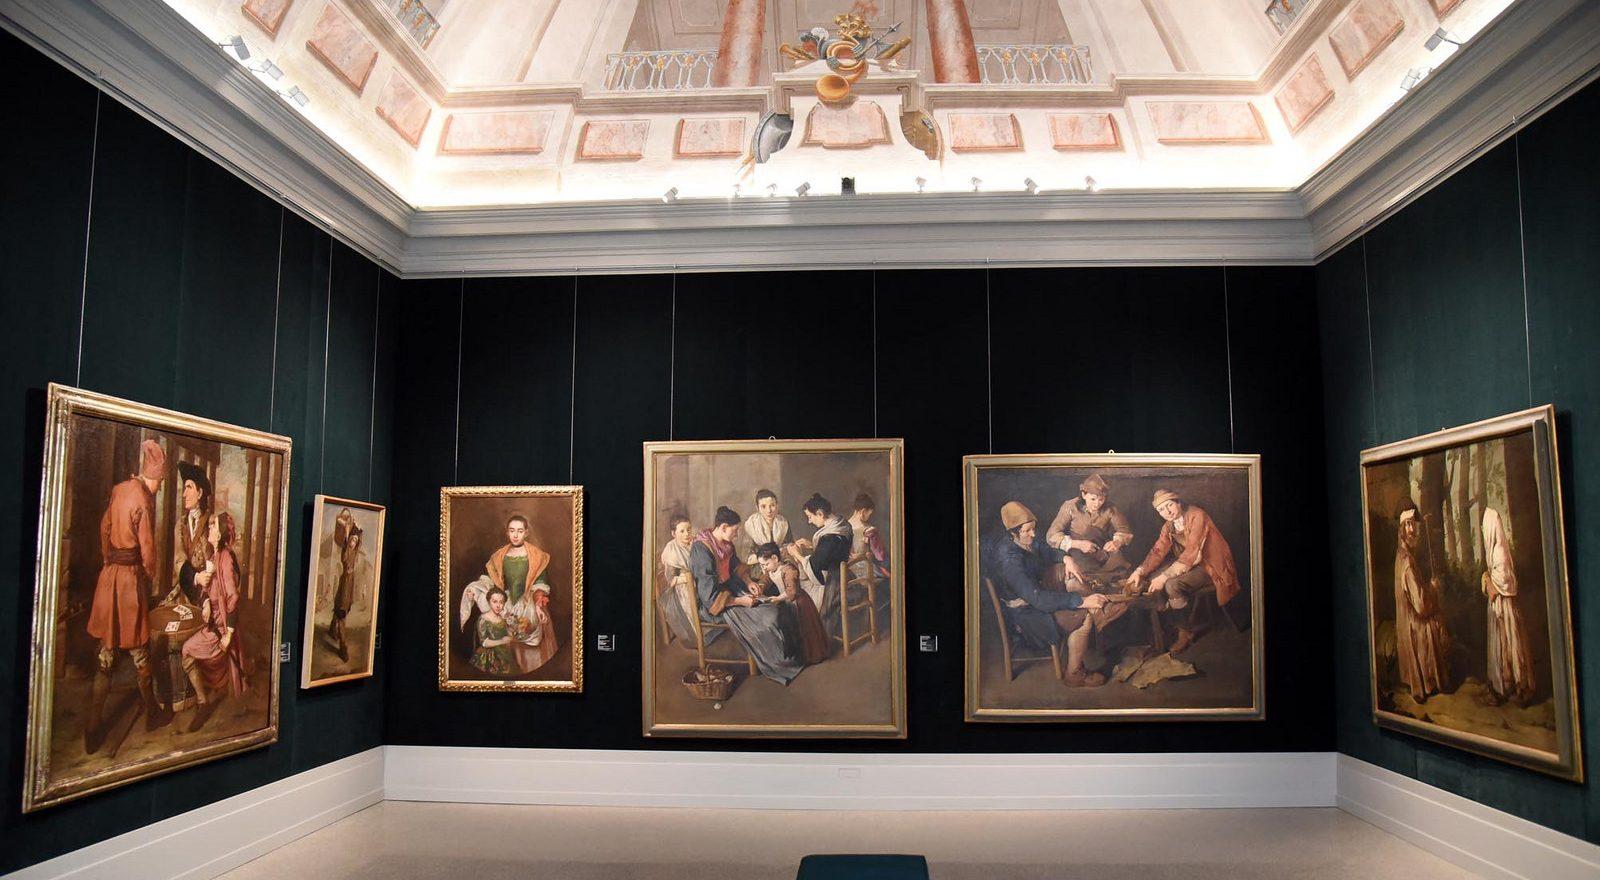 pinacoteca-tosio-martinengo-2-1600x880.jpg